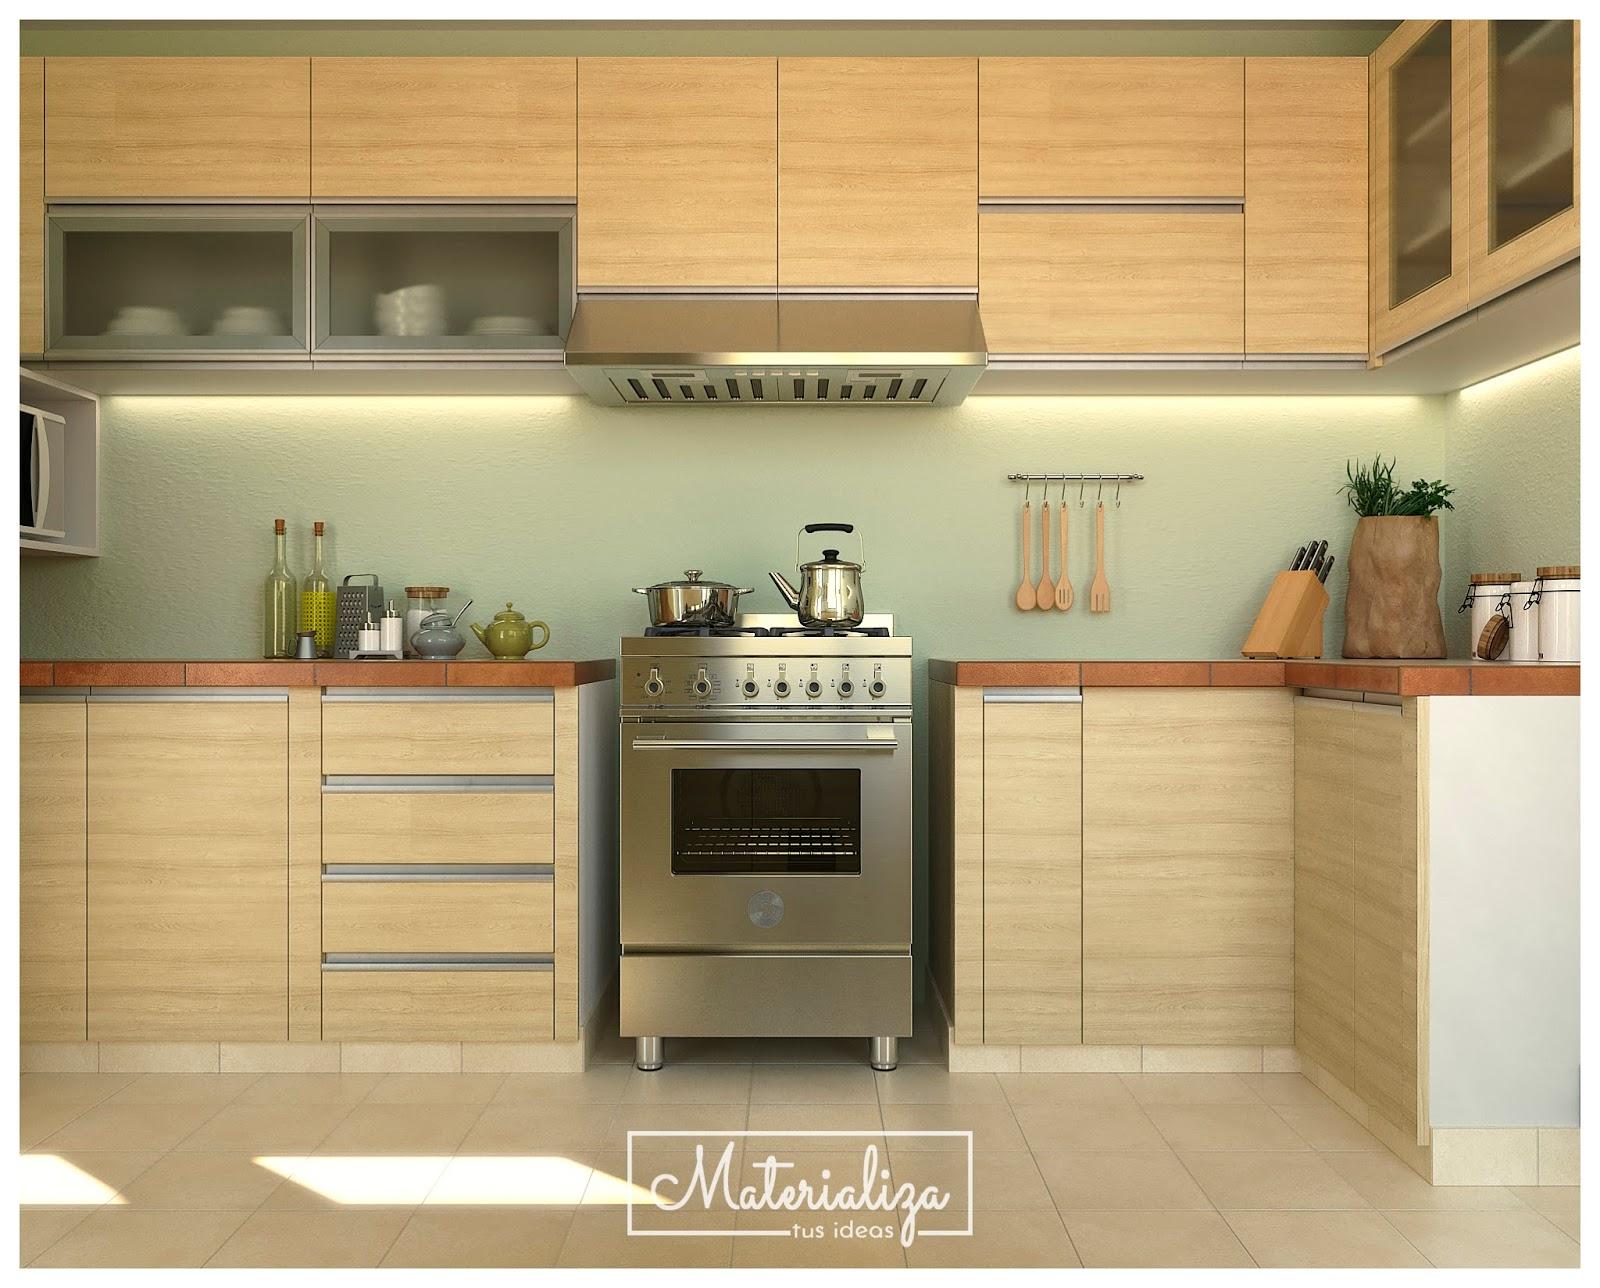 Muebles Melamina Cocina | Nuevo Juego Muebles Cocina Melamina Buscar ...